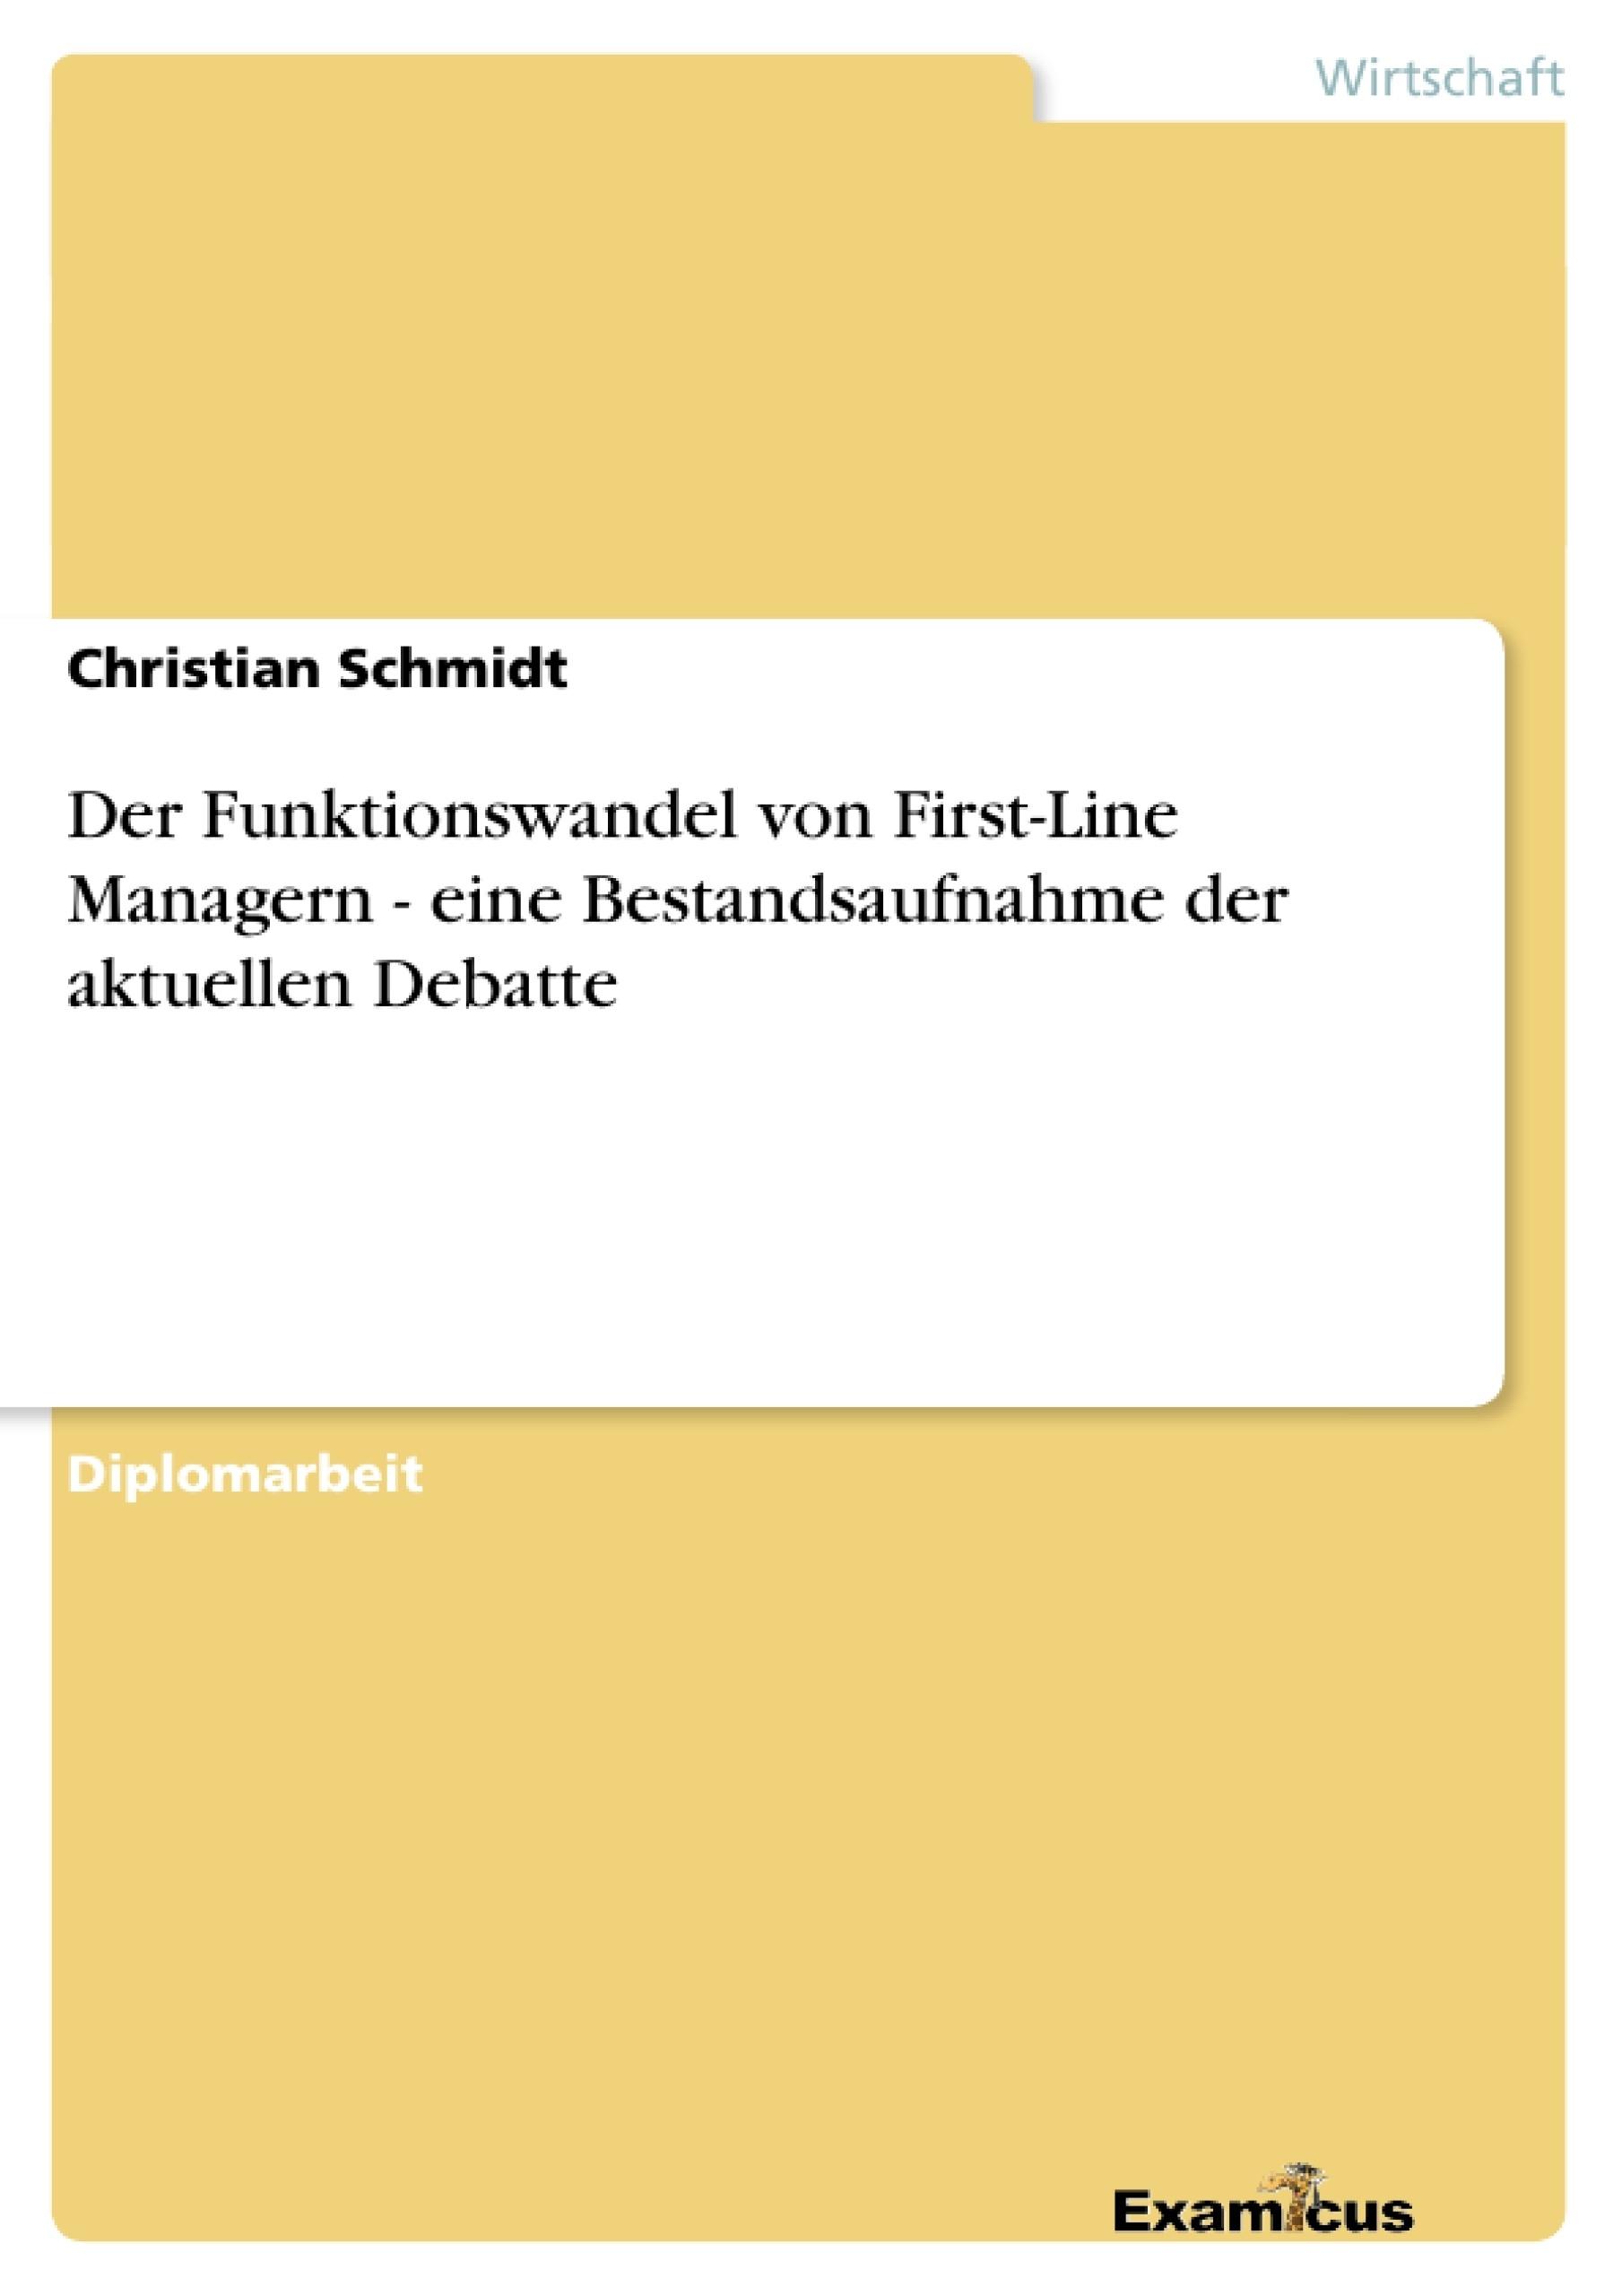 Titel: Der Funktionswandel von First-Line Managern - eine Bestandsaufnahme der aktuellen Debatte